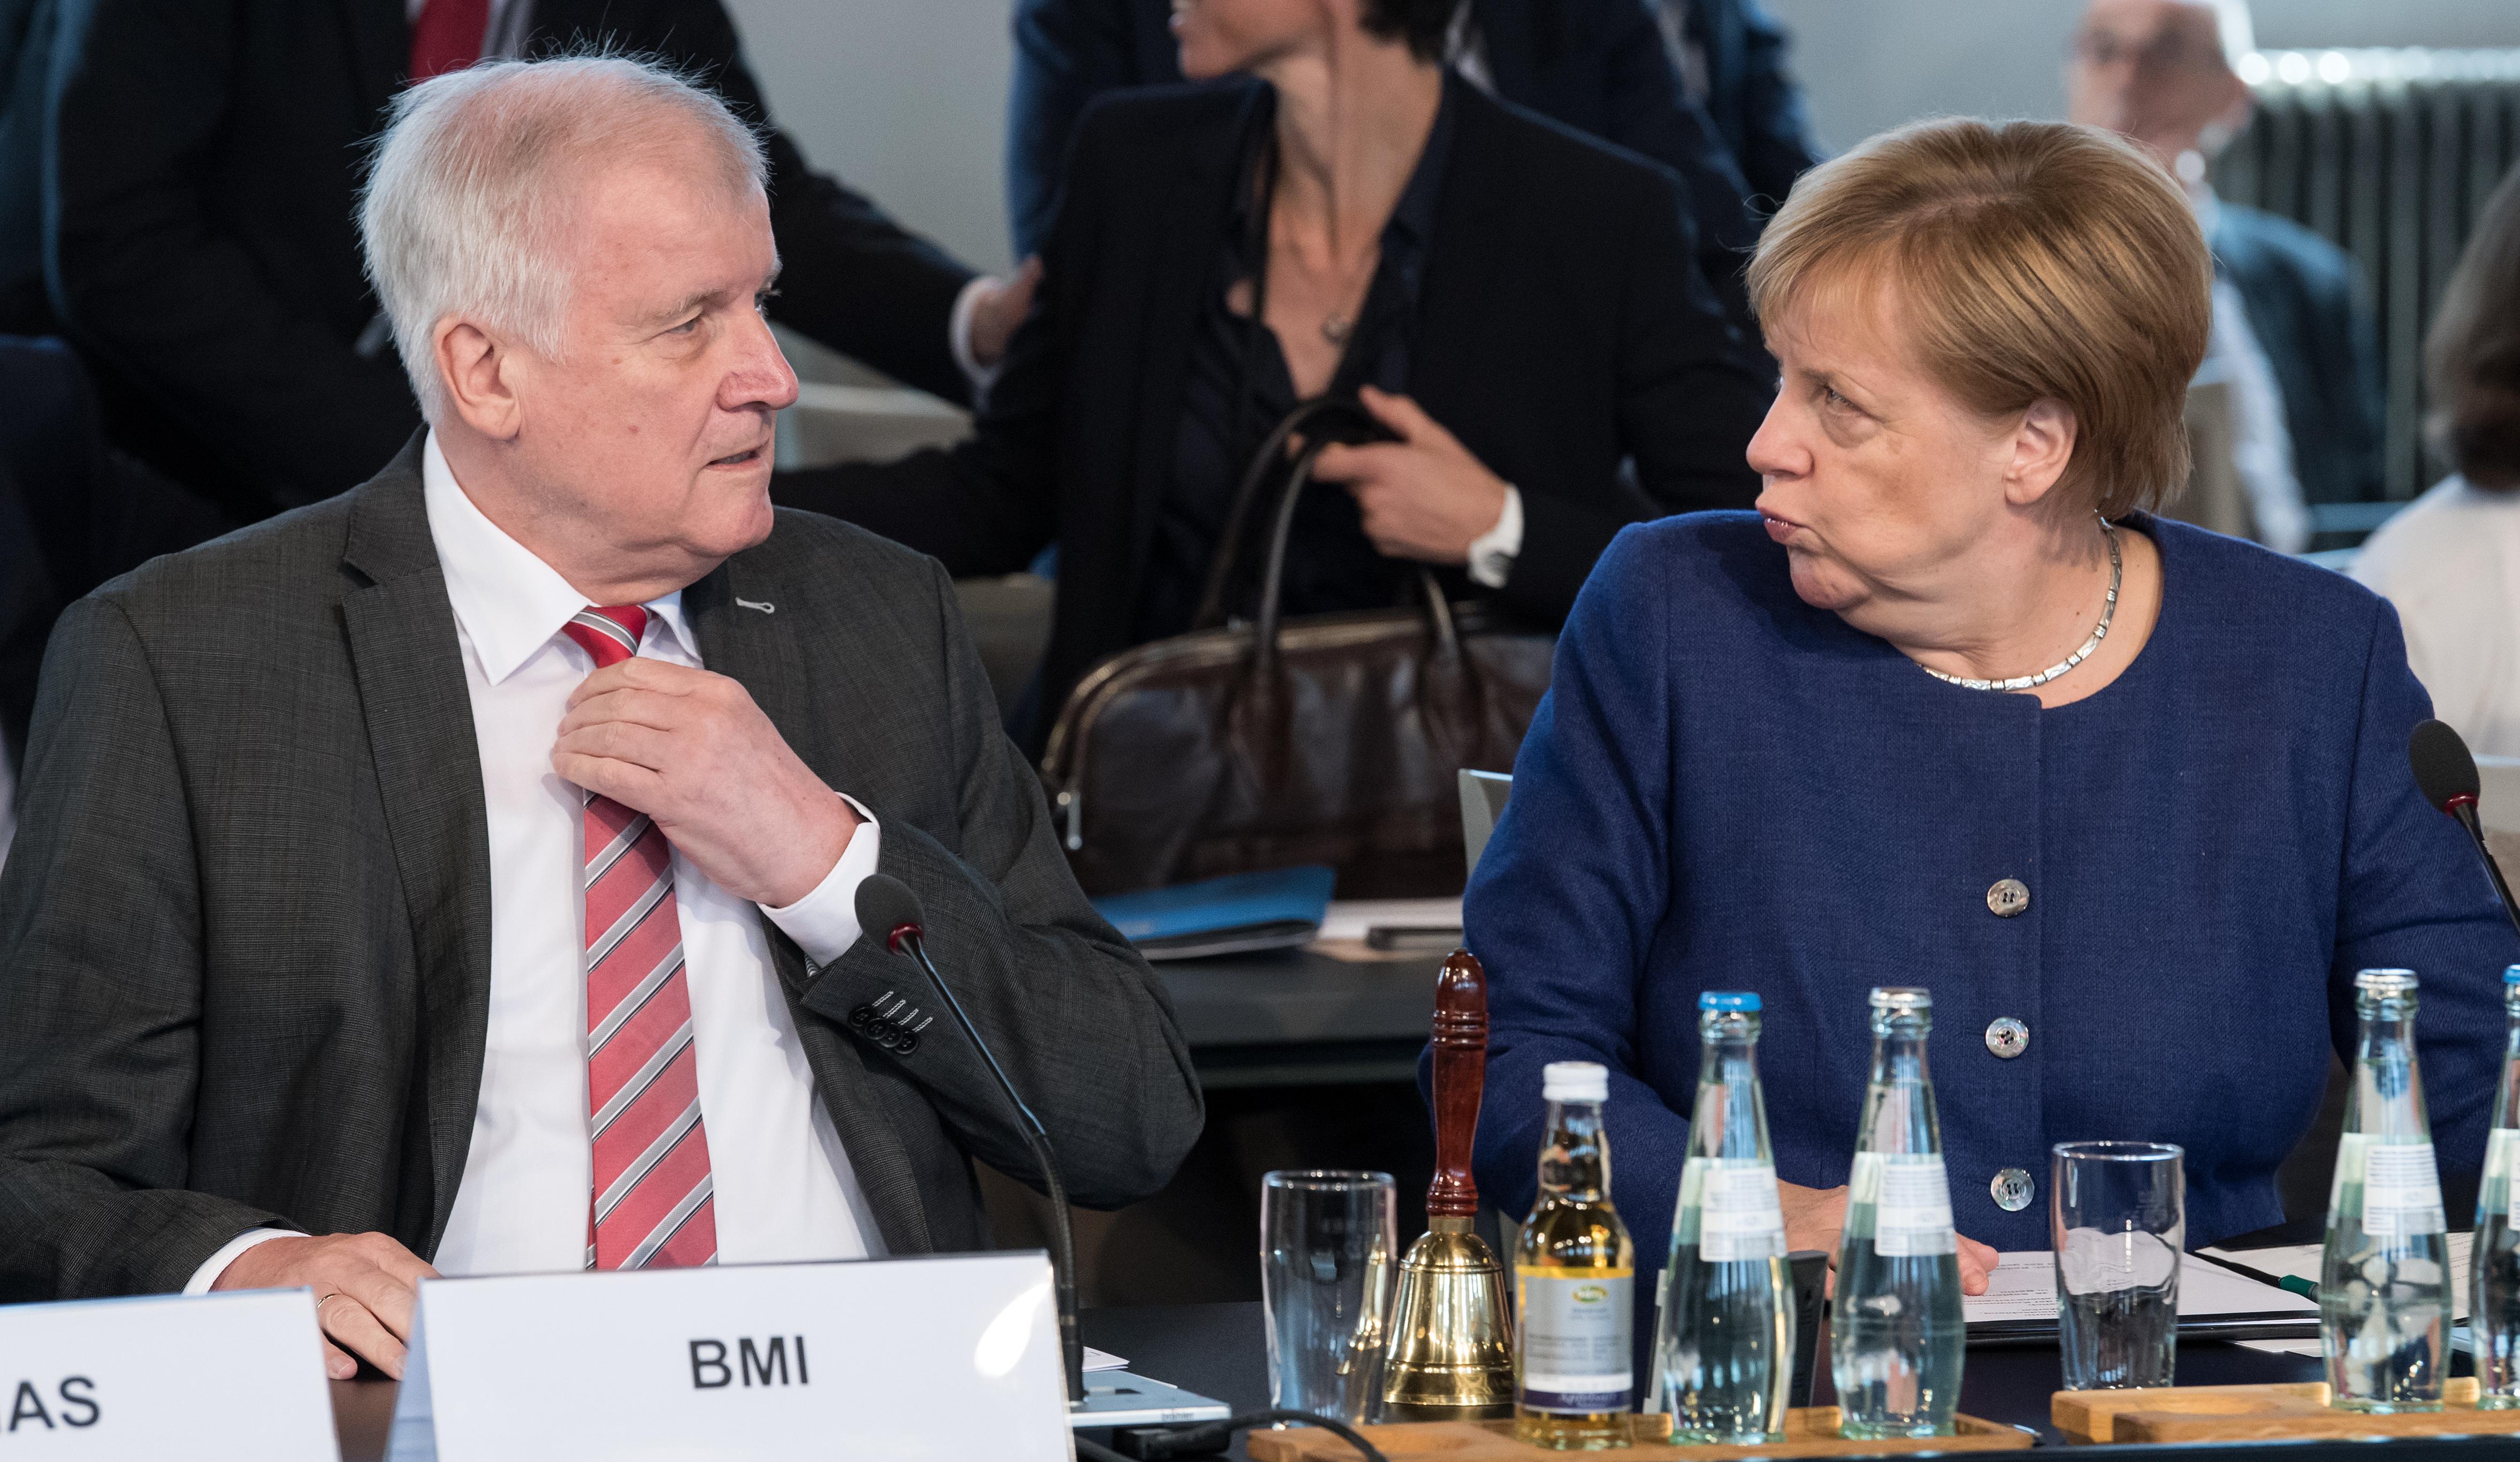 Távozik a CSU elnöki tisztségéből Horst Seehofer